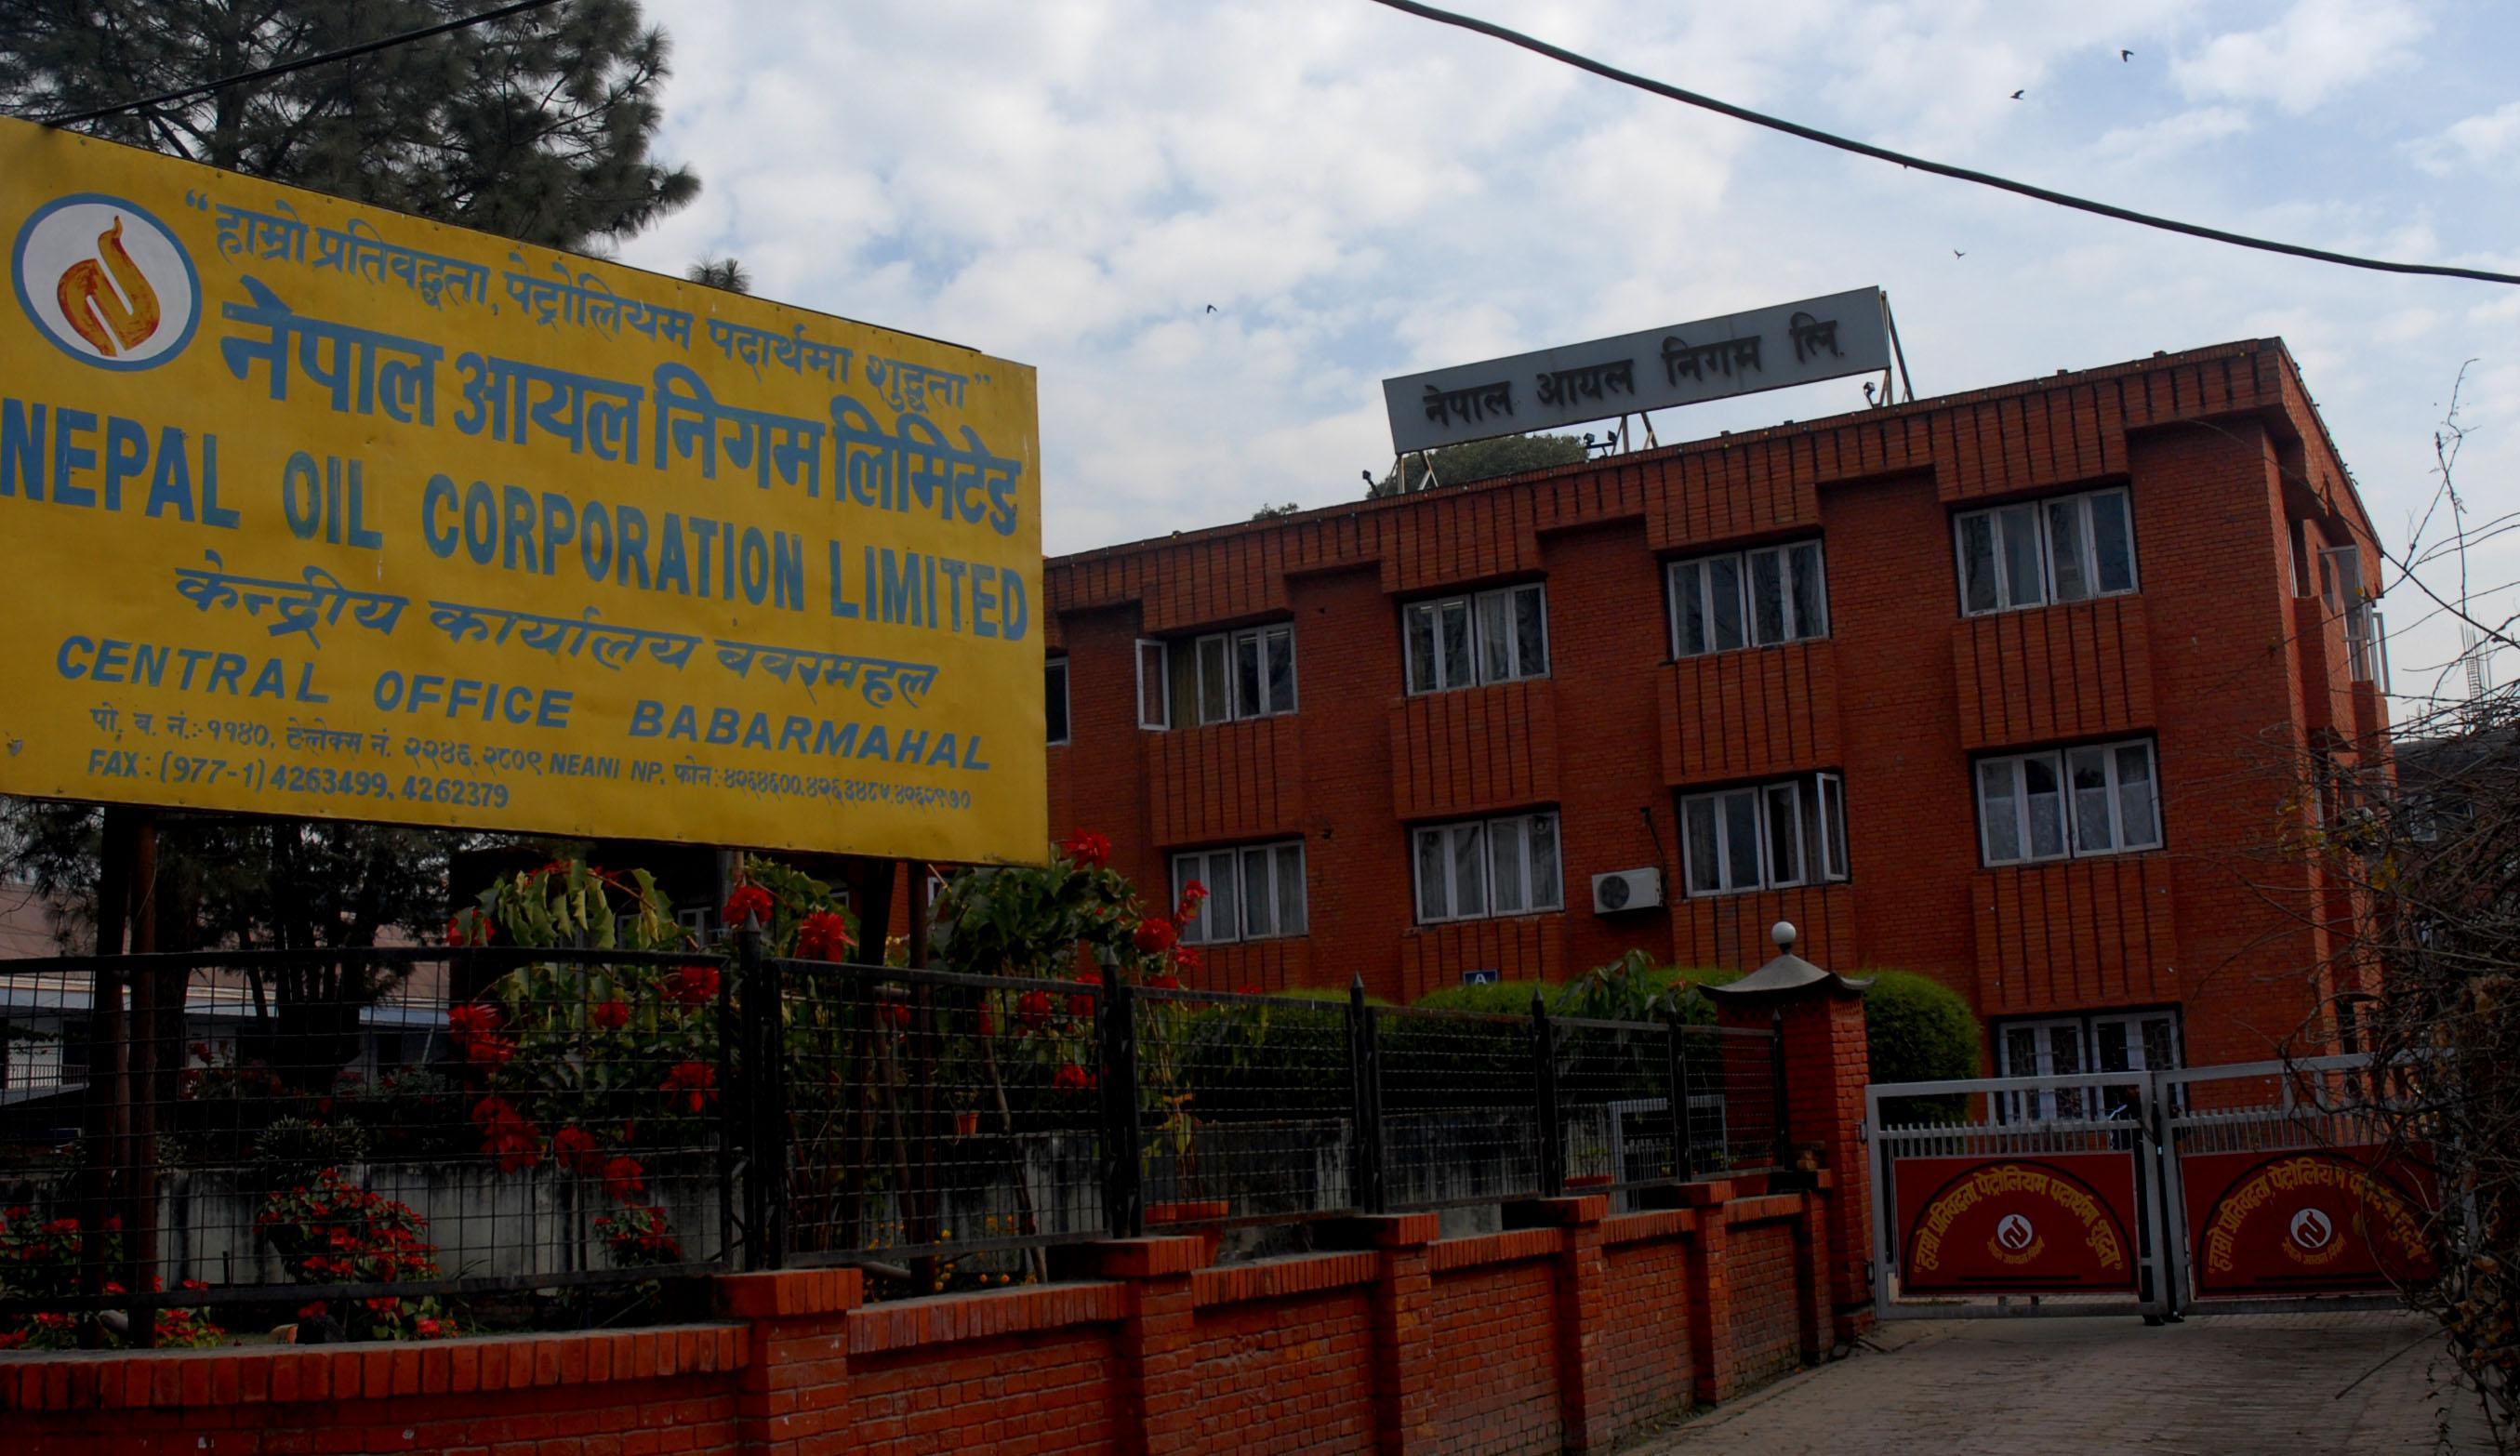 नेपाल आयल निगमको कार्यकारी निर्देशकमा पौडेल नियुक्त